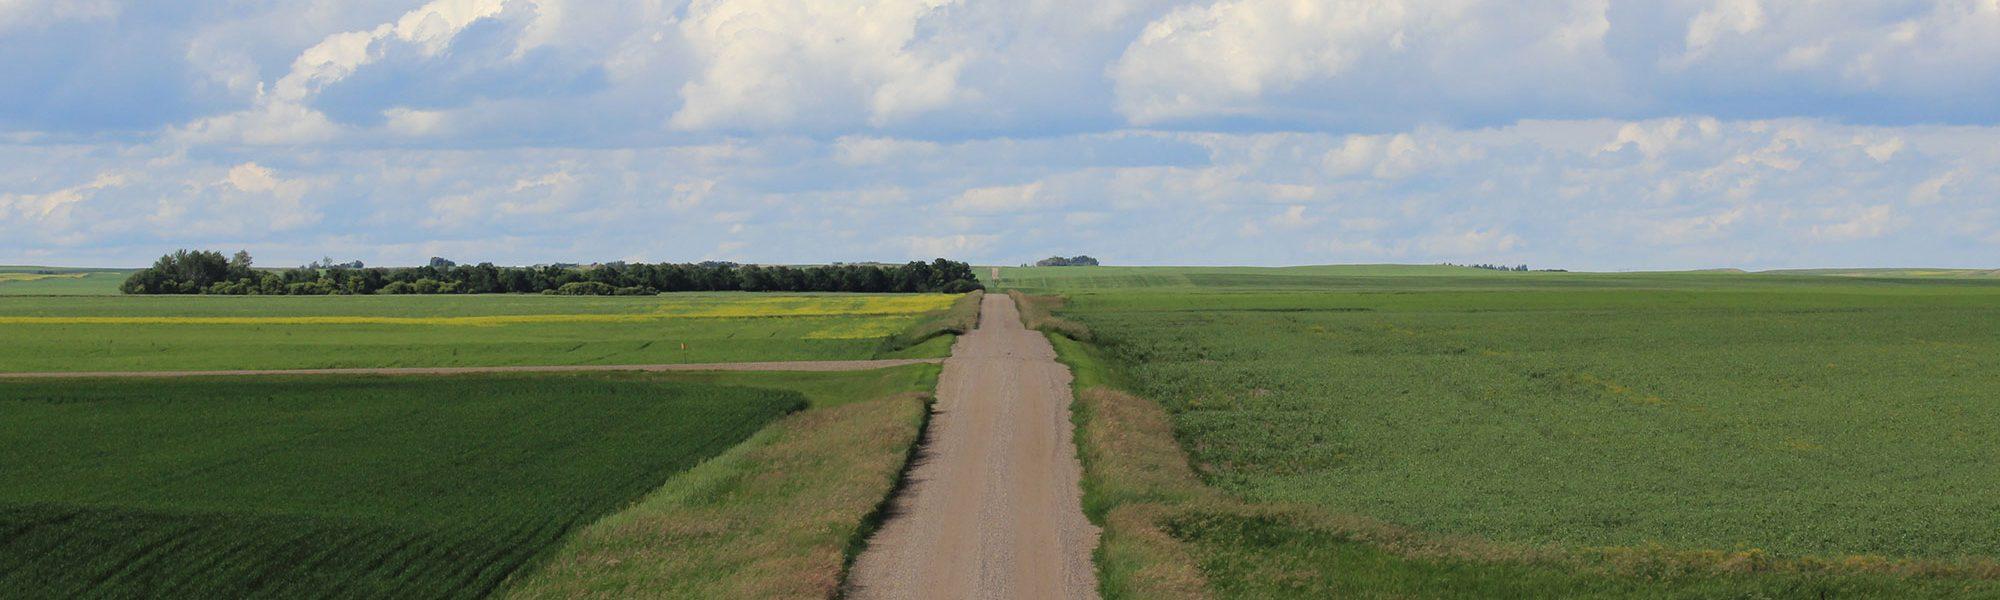 317-roads